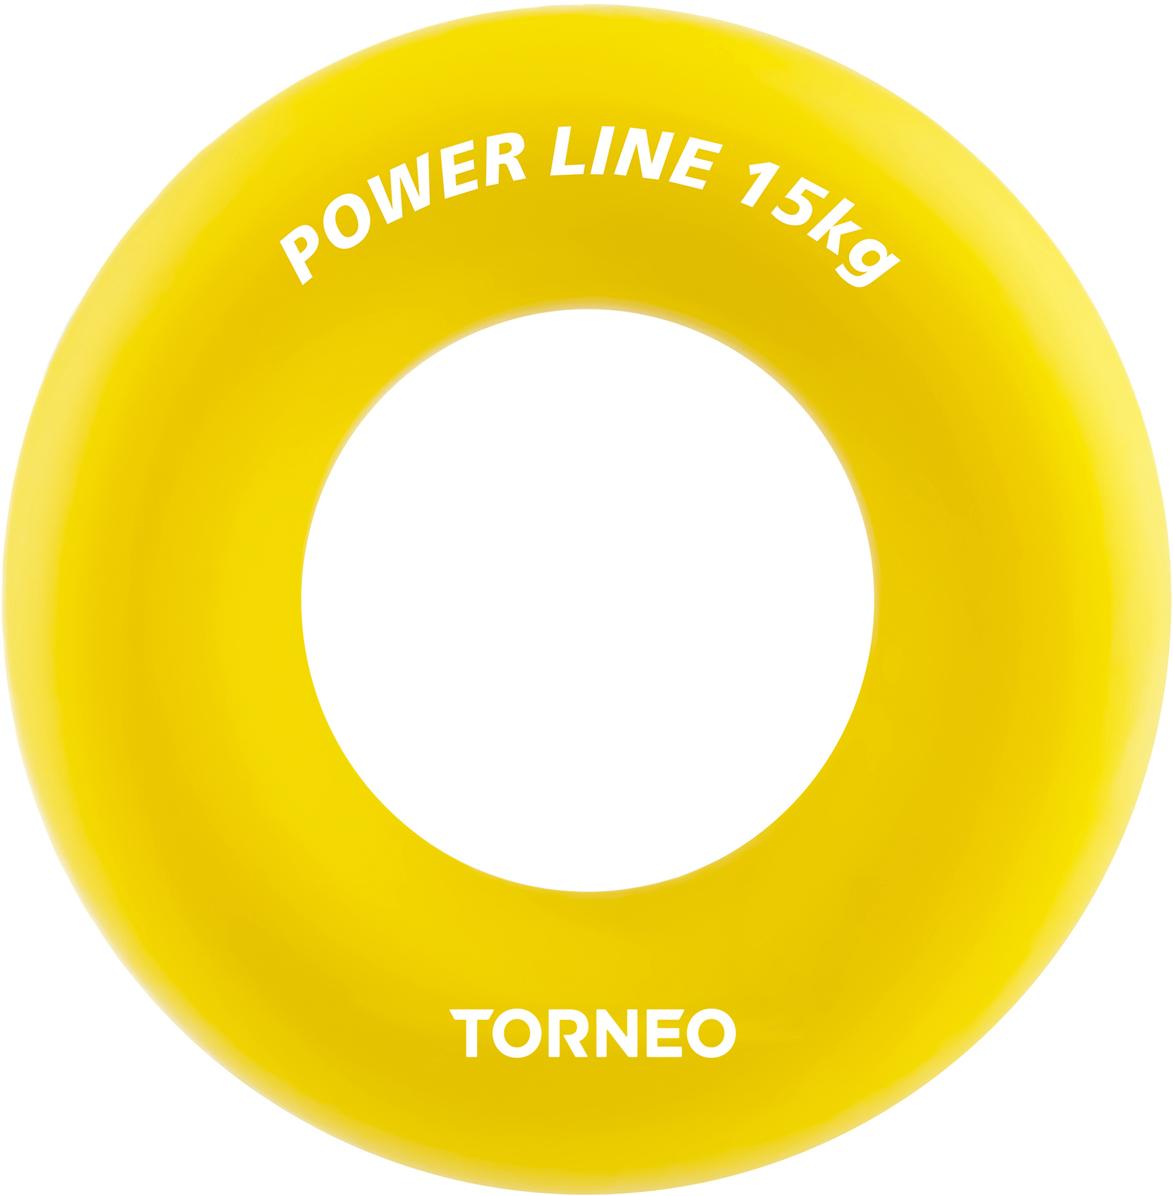 Эспандер кистевой Torneo, диаметр 8,8 см, сопротивление 15 кг, цвет: желтый эспандер кистевой torneo hand зеленый